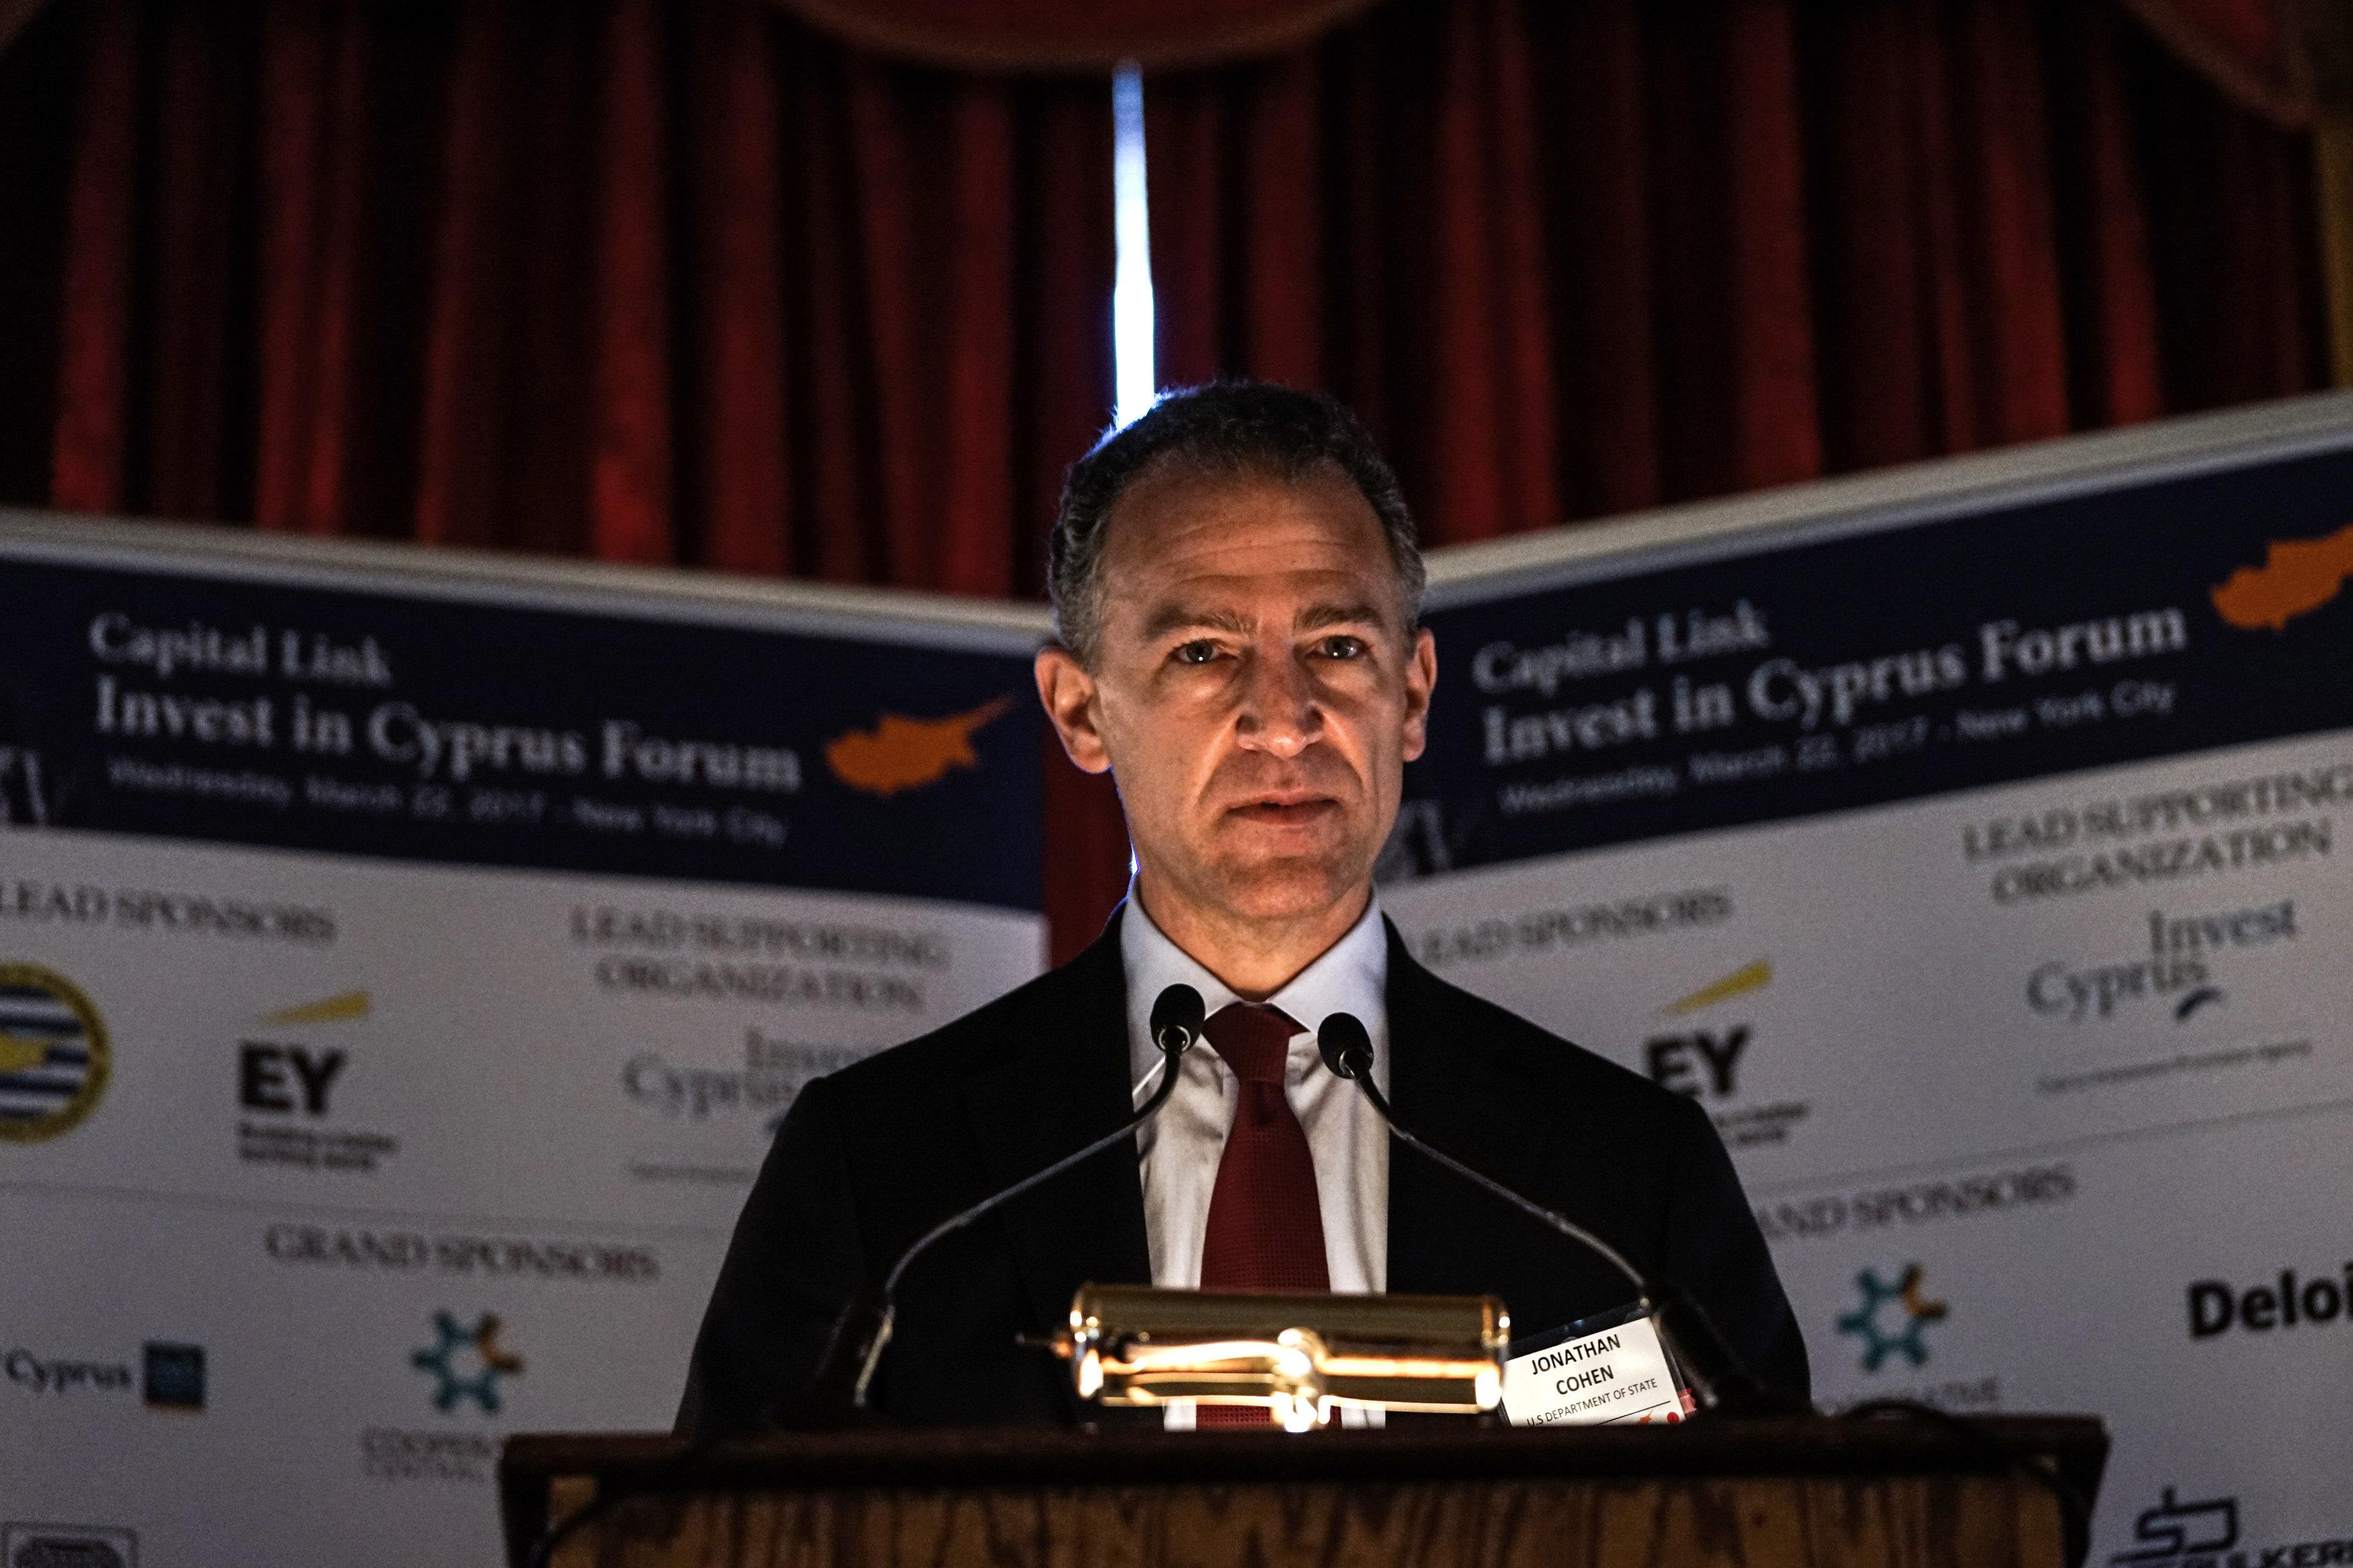 ΗΠΑ: Το φυσικό αέριο της Κύπρου να κατανεμηθεί